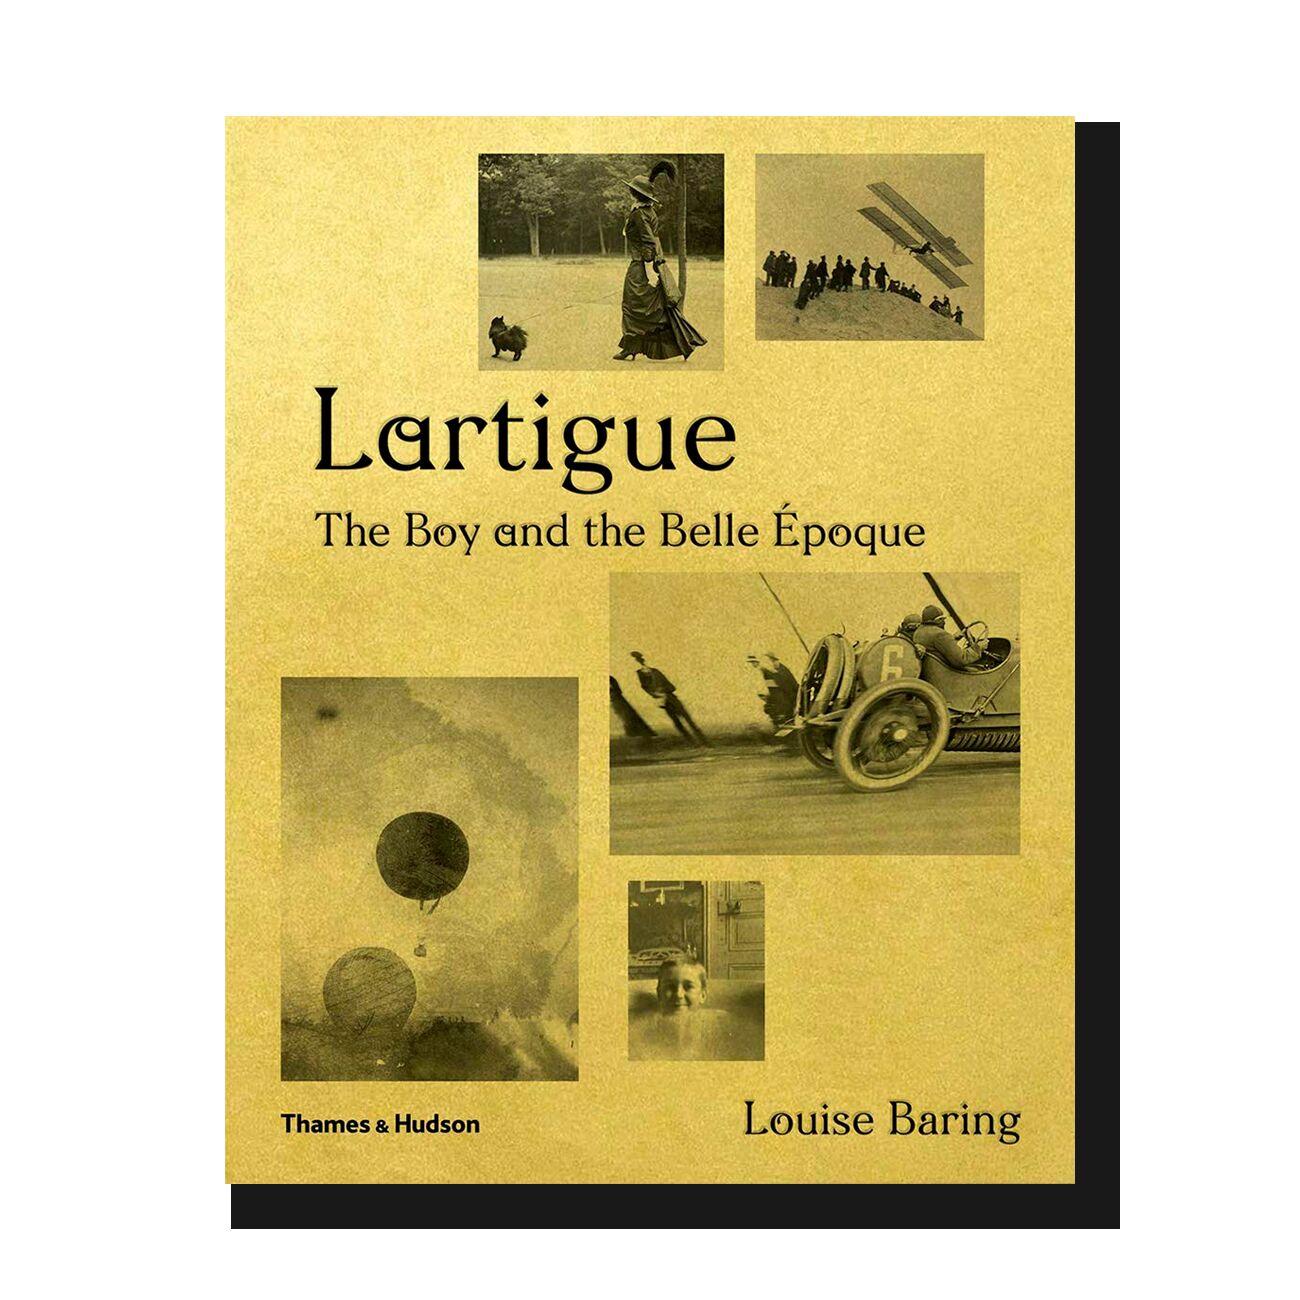 Lartigue: The Boy and the Belle Epoque